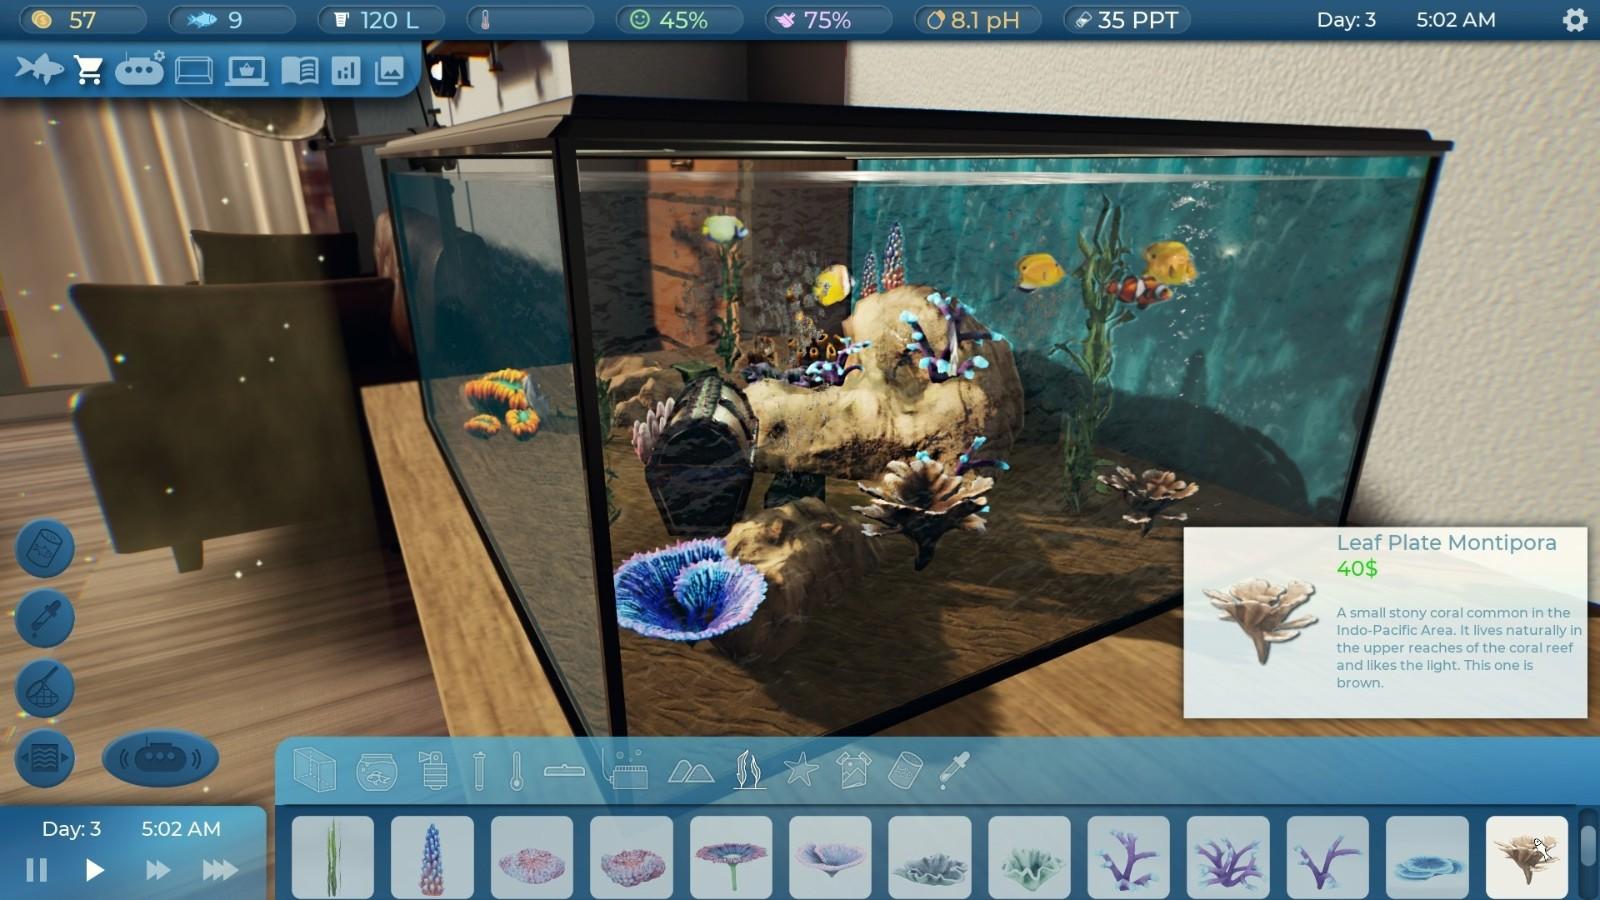 模拟新作《水族饲养员》公布 将于2022年5月发售